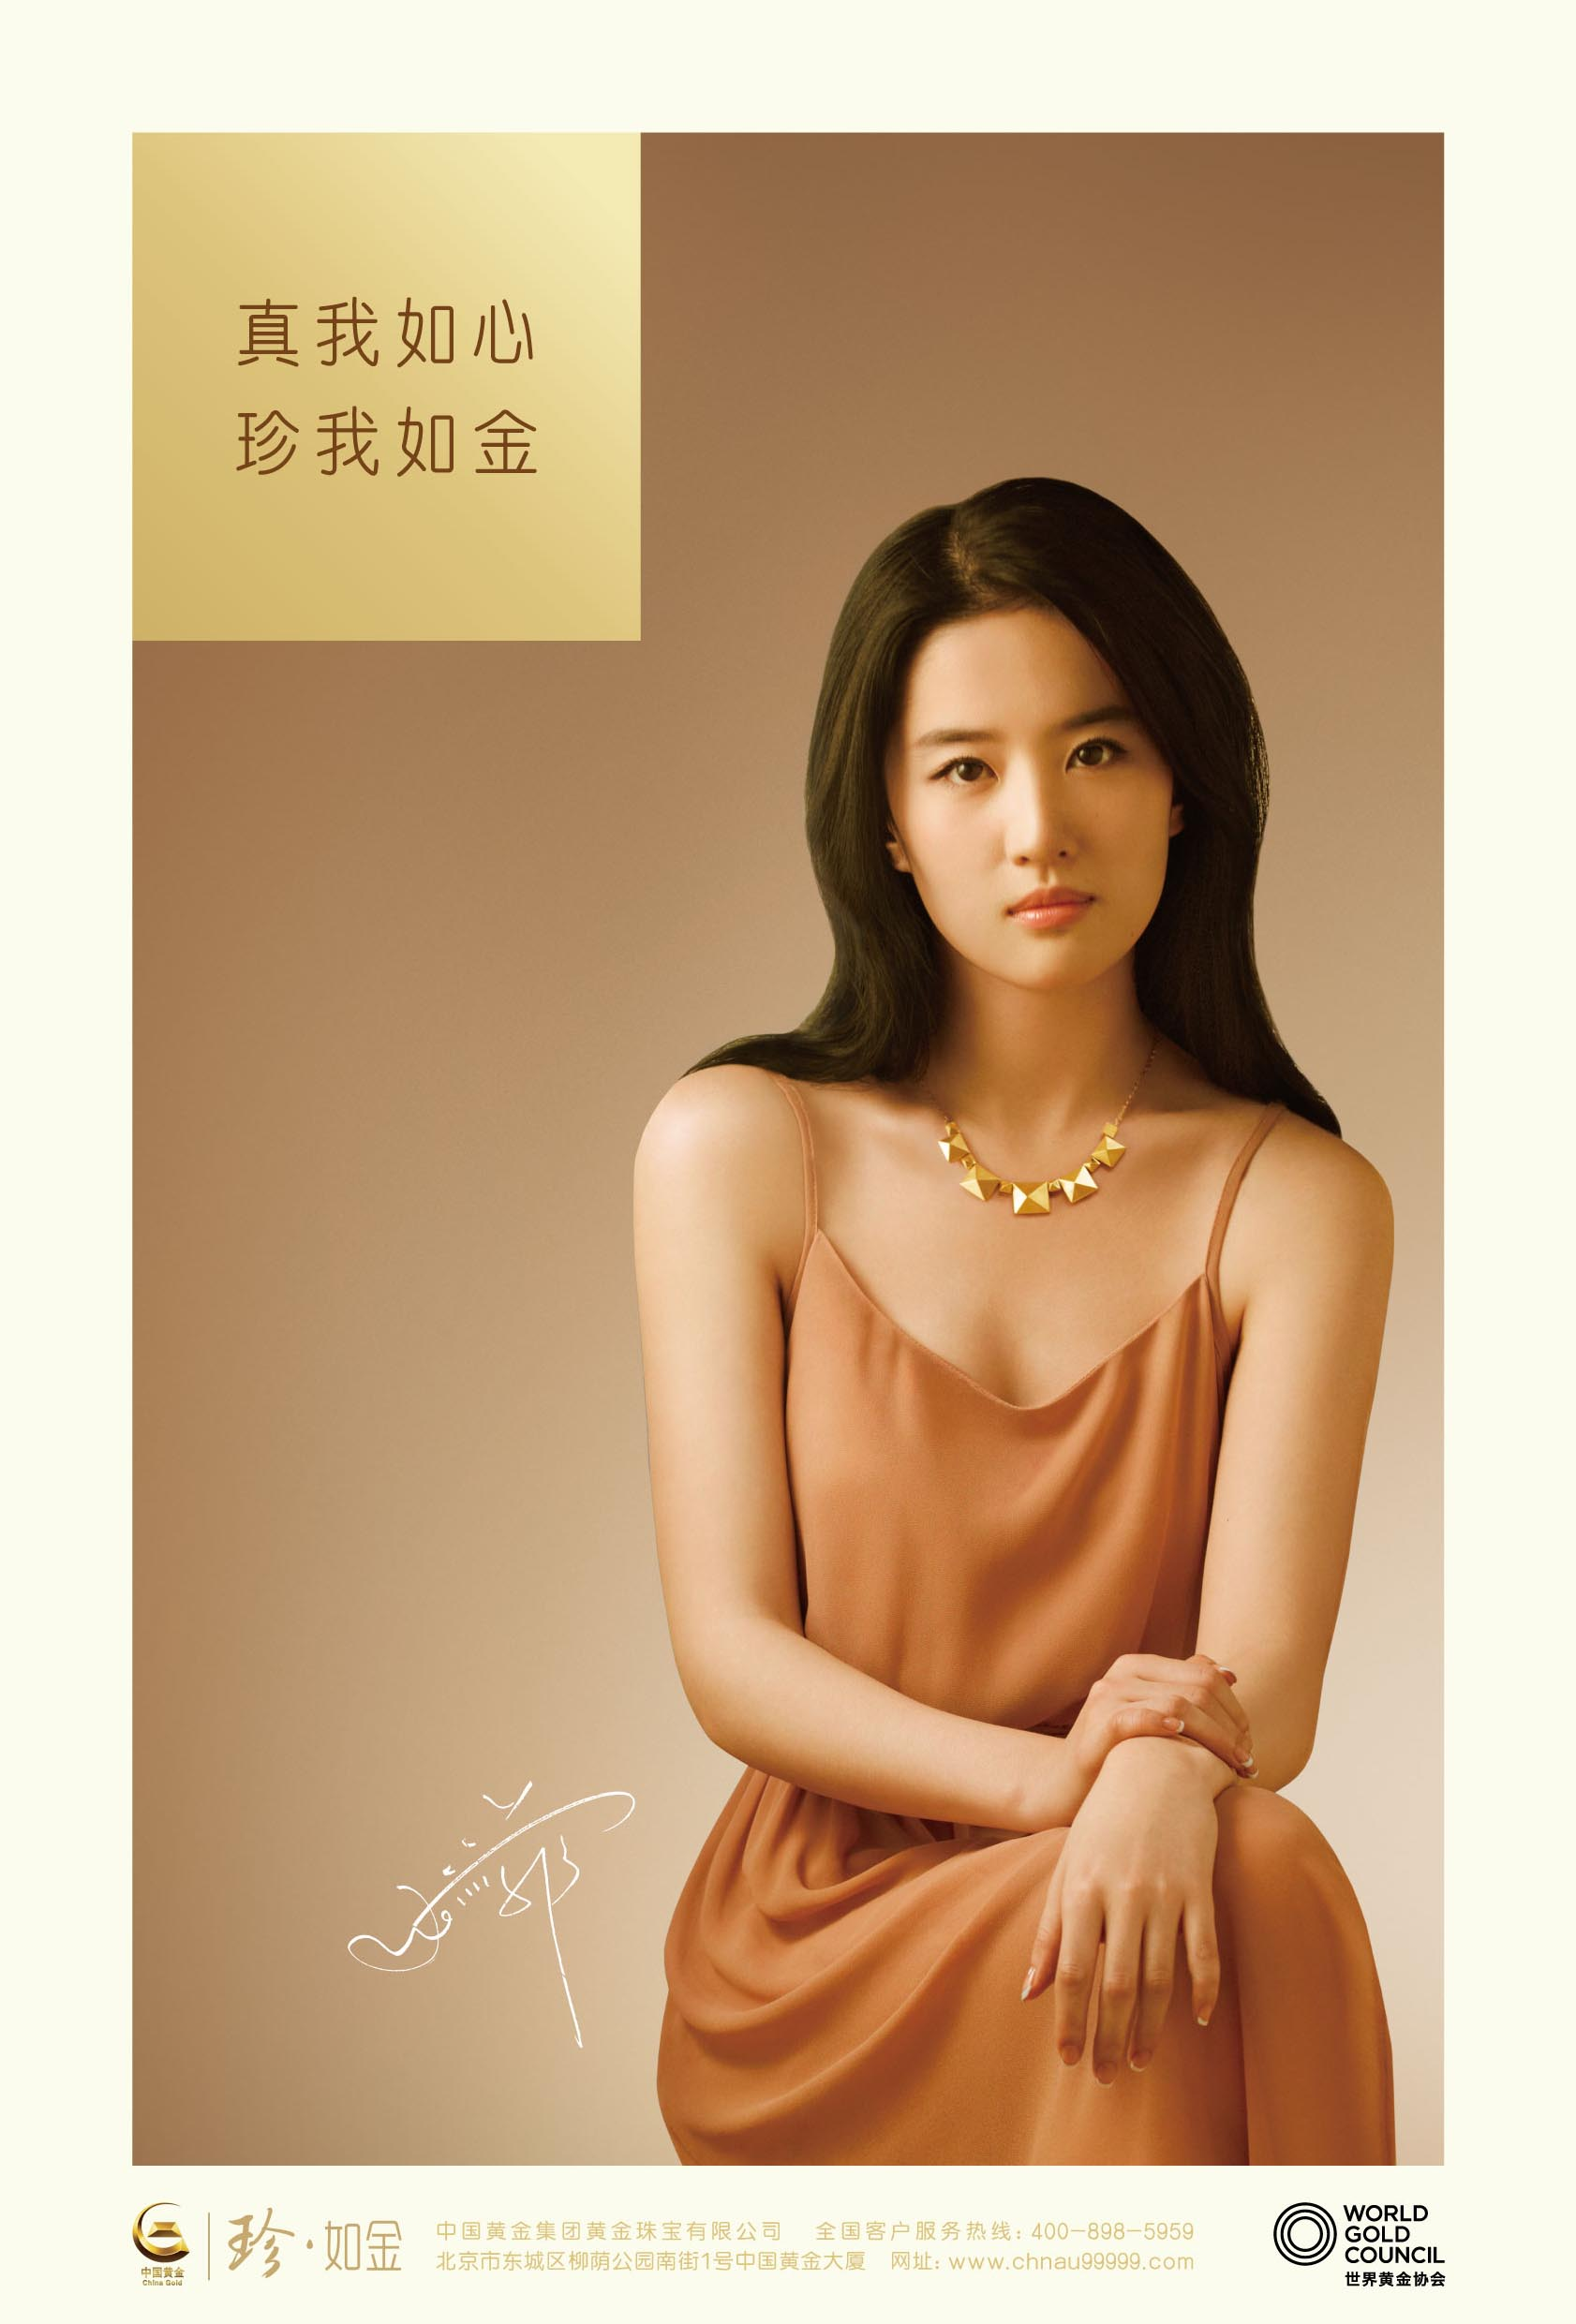 《中国黄金》广告形象照 《刘亦菲》[2014.01.12]